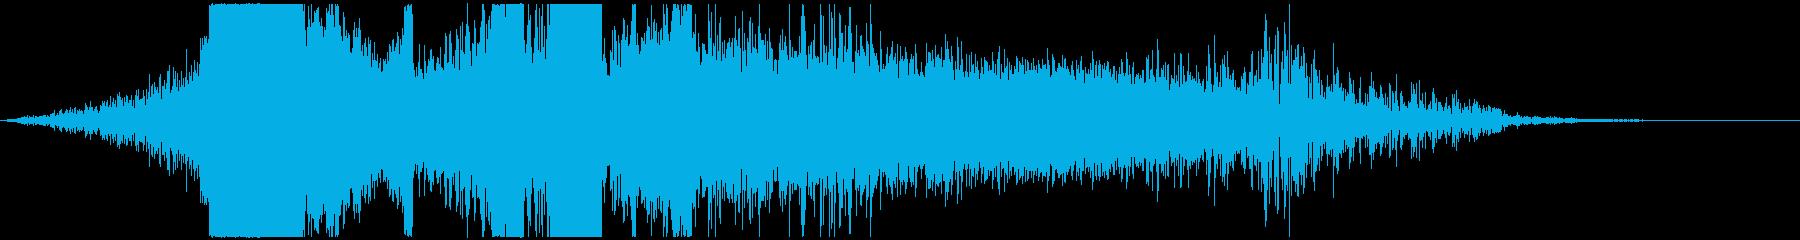 【映画】 インパクト_25 タイトルロゴの再生済みの波形